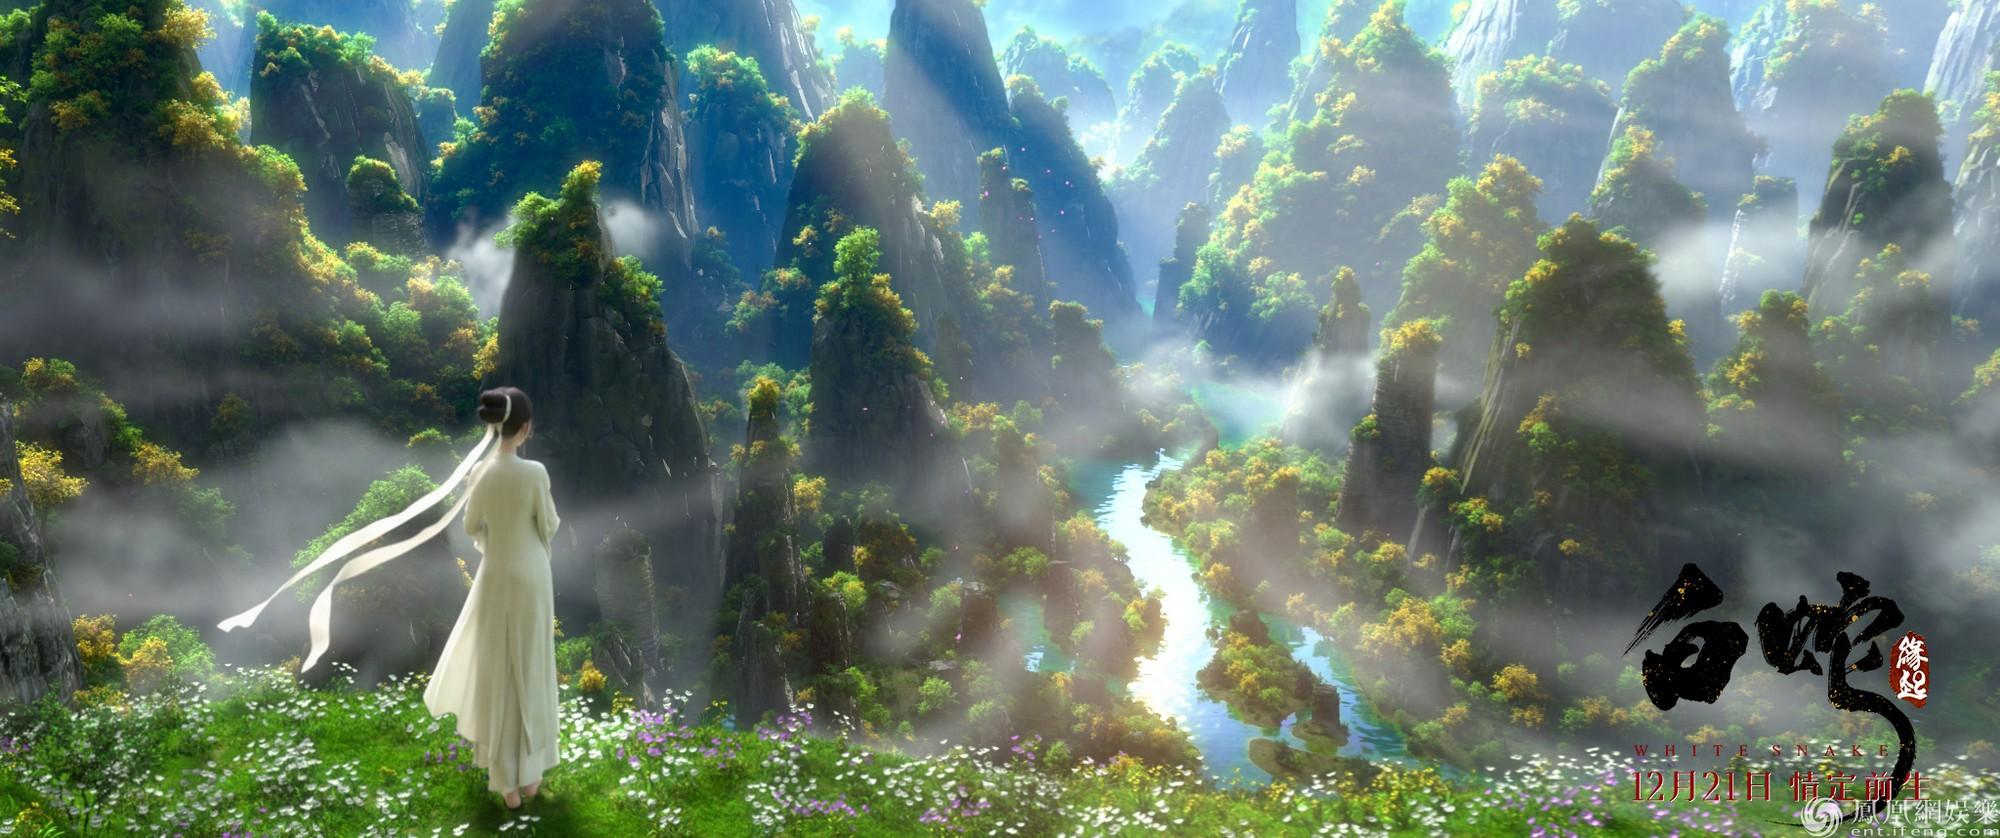 Chị em Thanh Xà - Bạch Xà giờ đã xuất hiện ở phiên bản hoạt hình Hollywood - Ảnh 1.